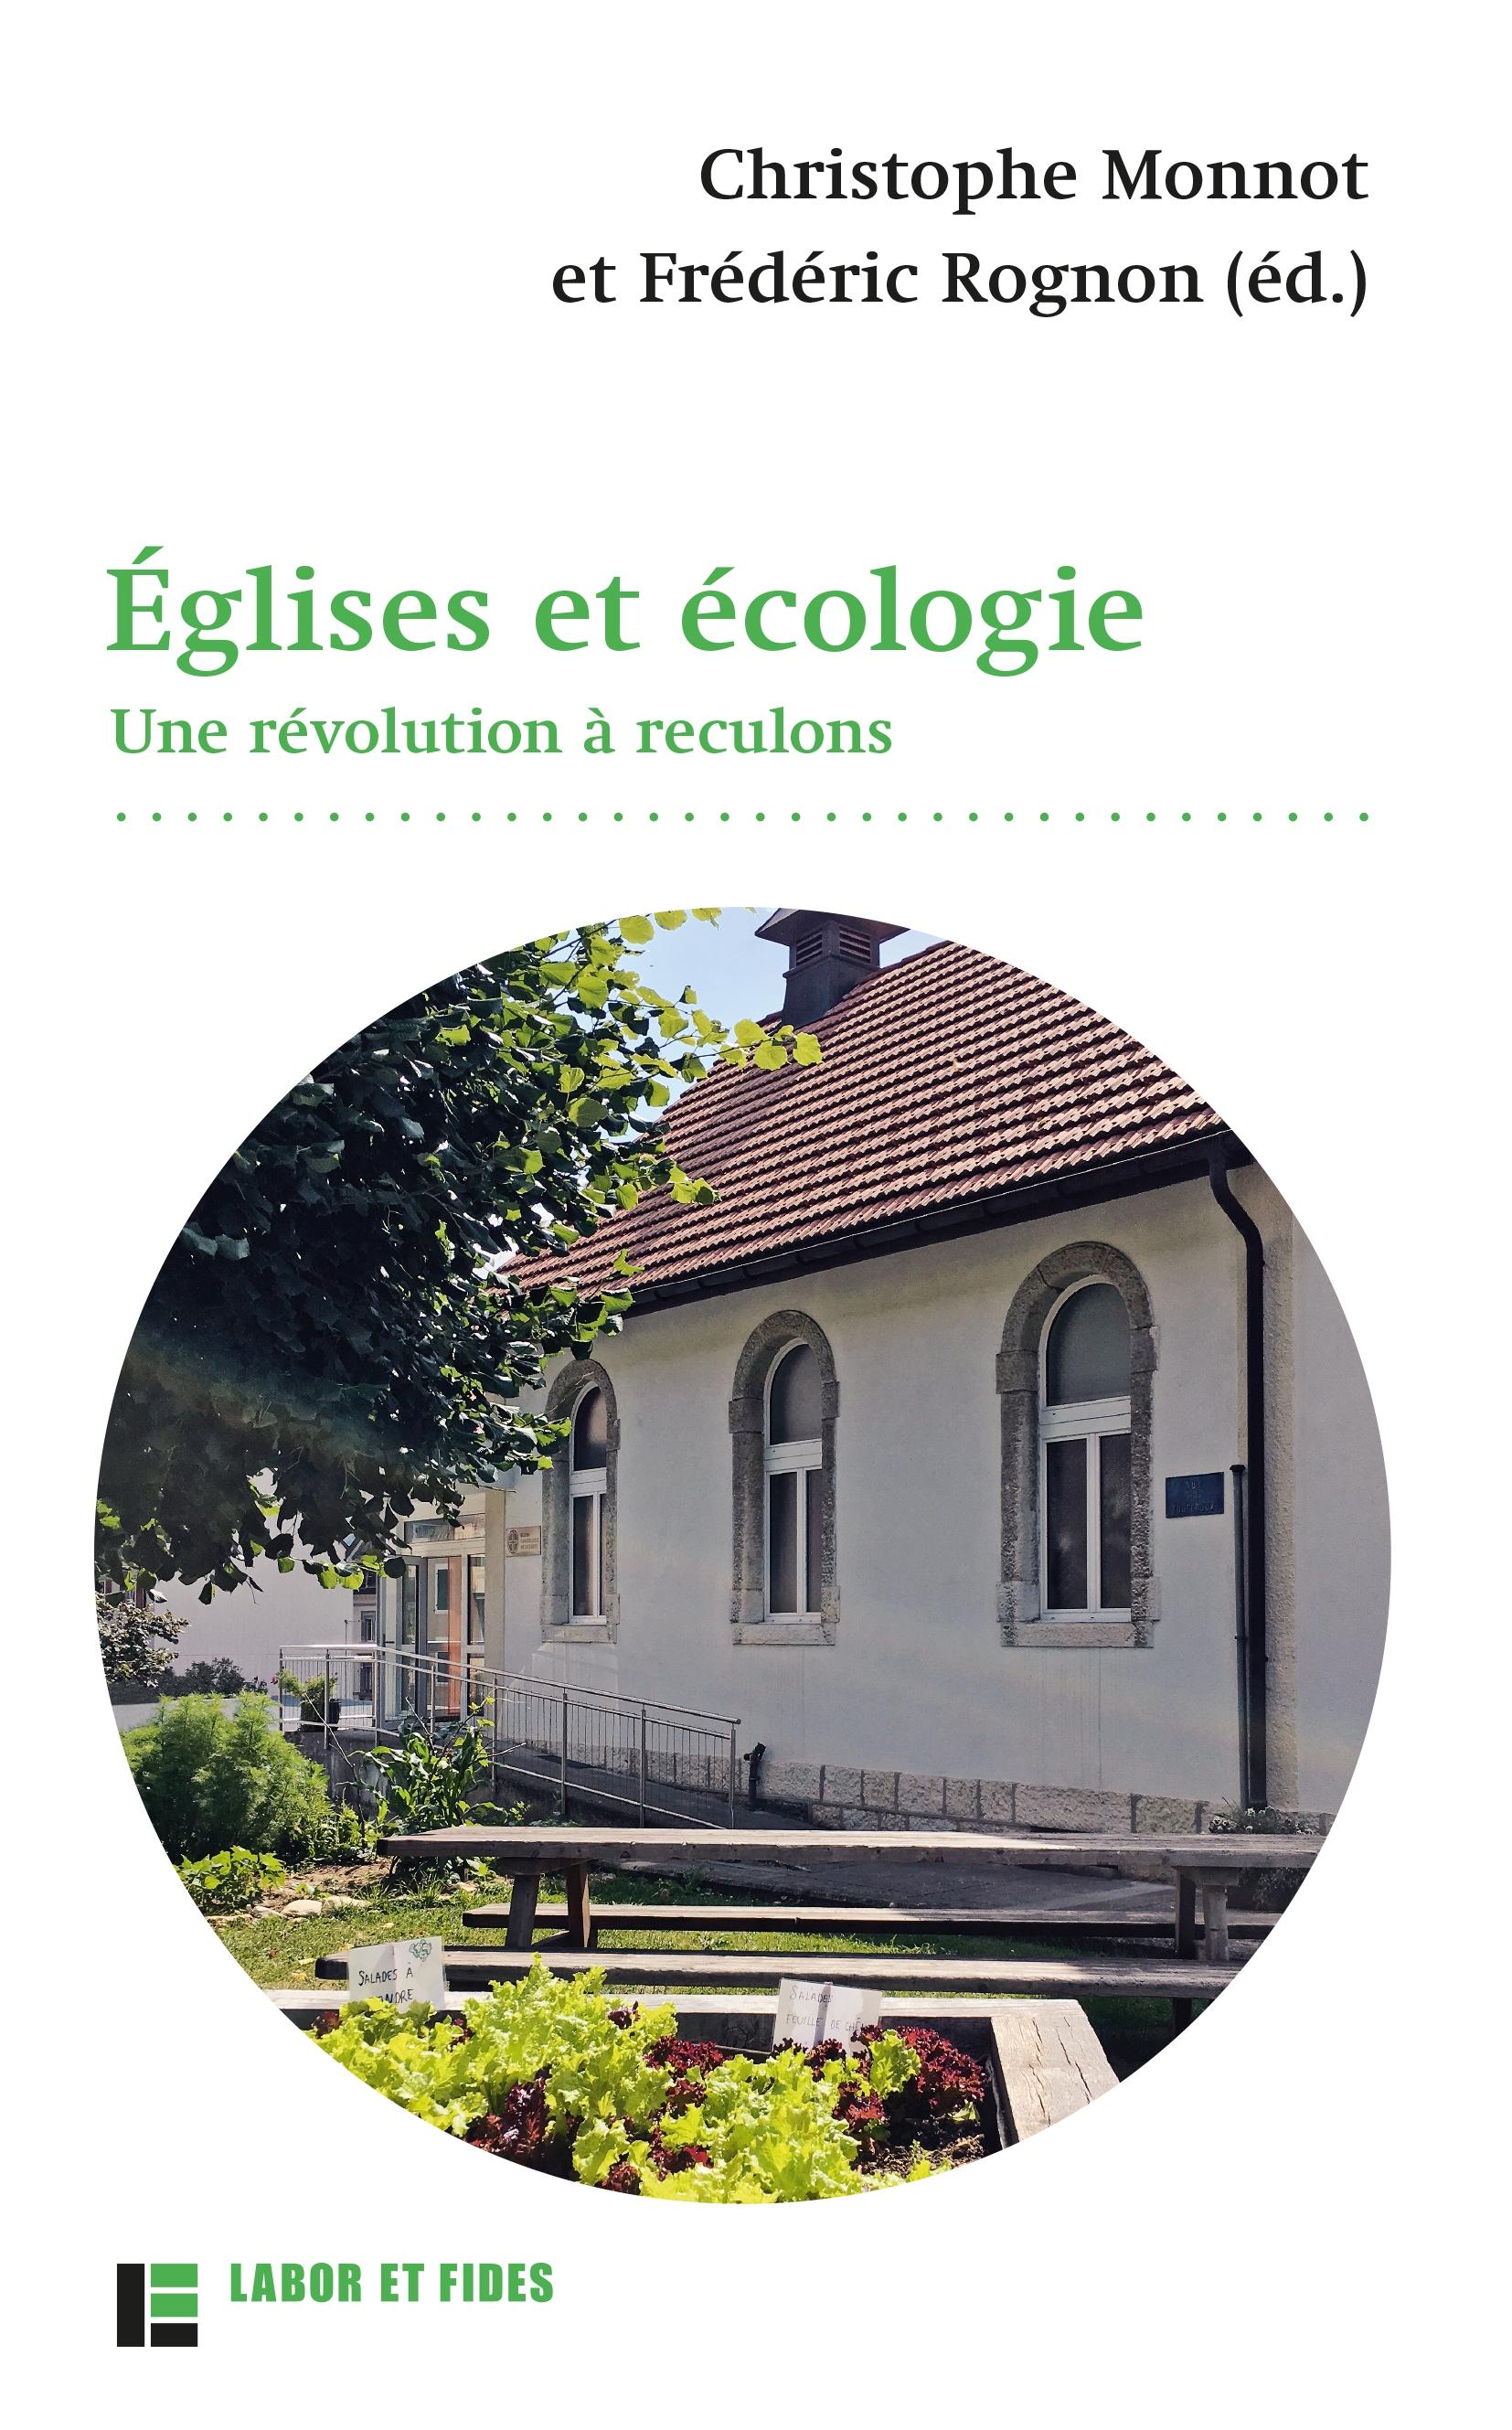 Fondations écologiques